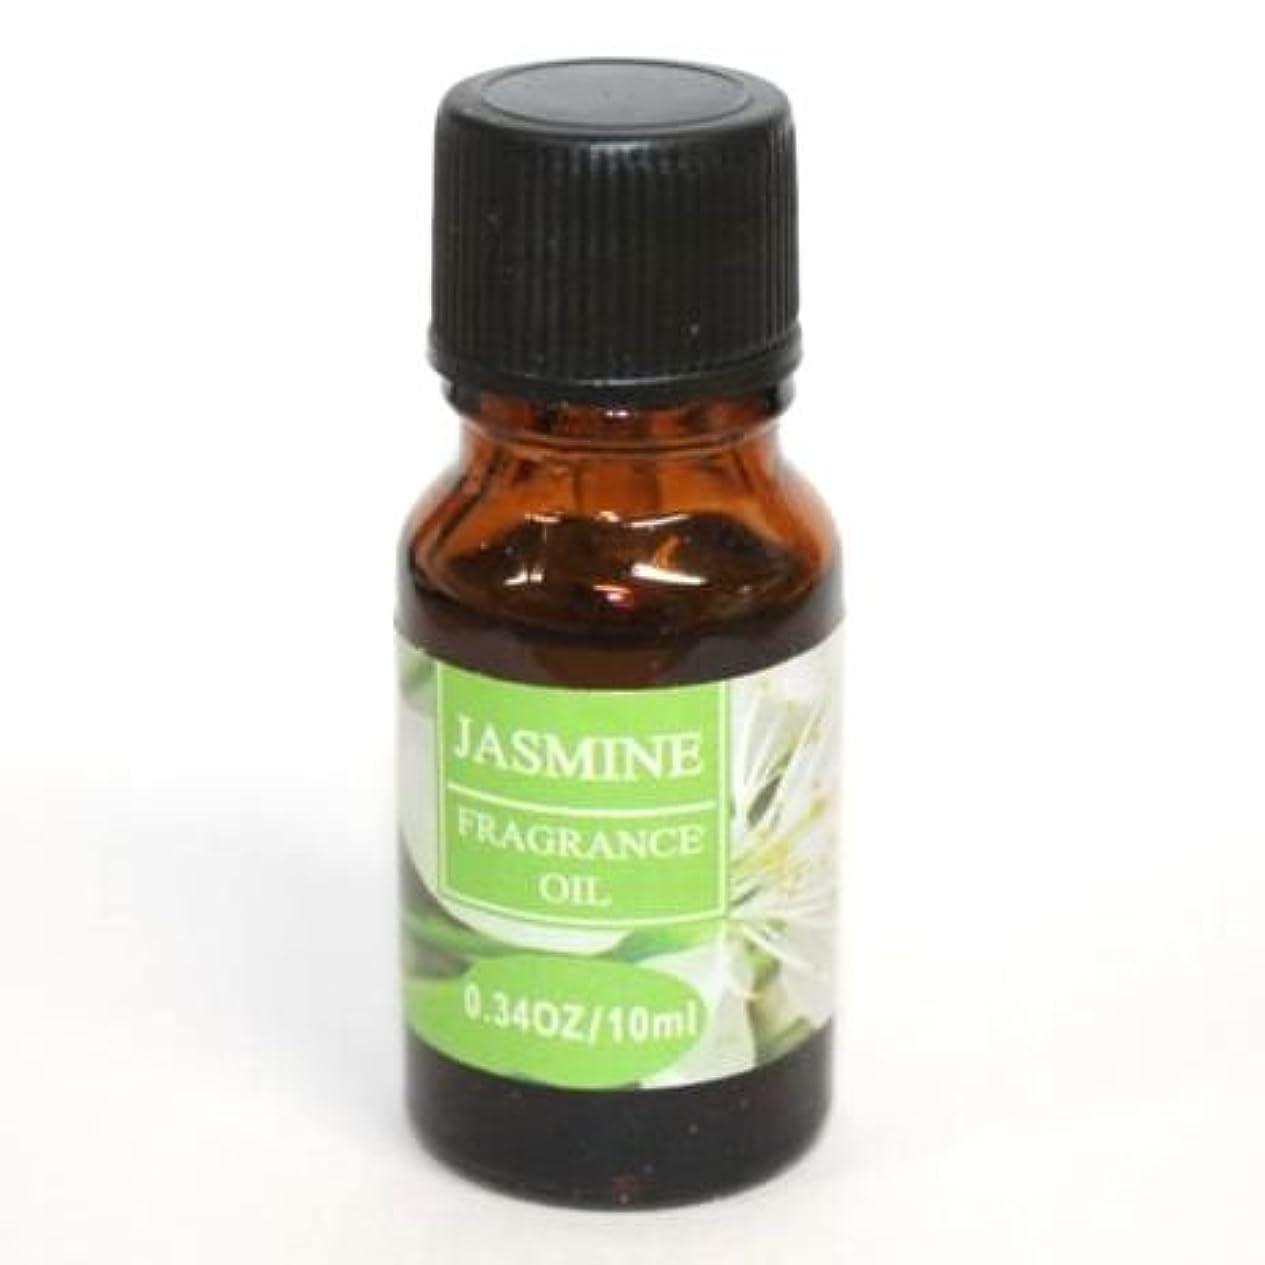 フェンスあご地下室RELAXING アロマオイル フレグランスオイル JASMINE ジャスミンの香り RQ-06